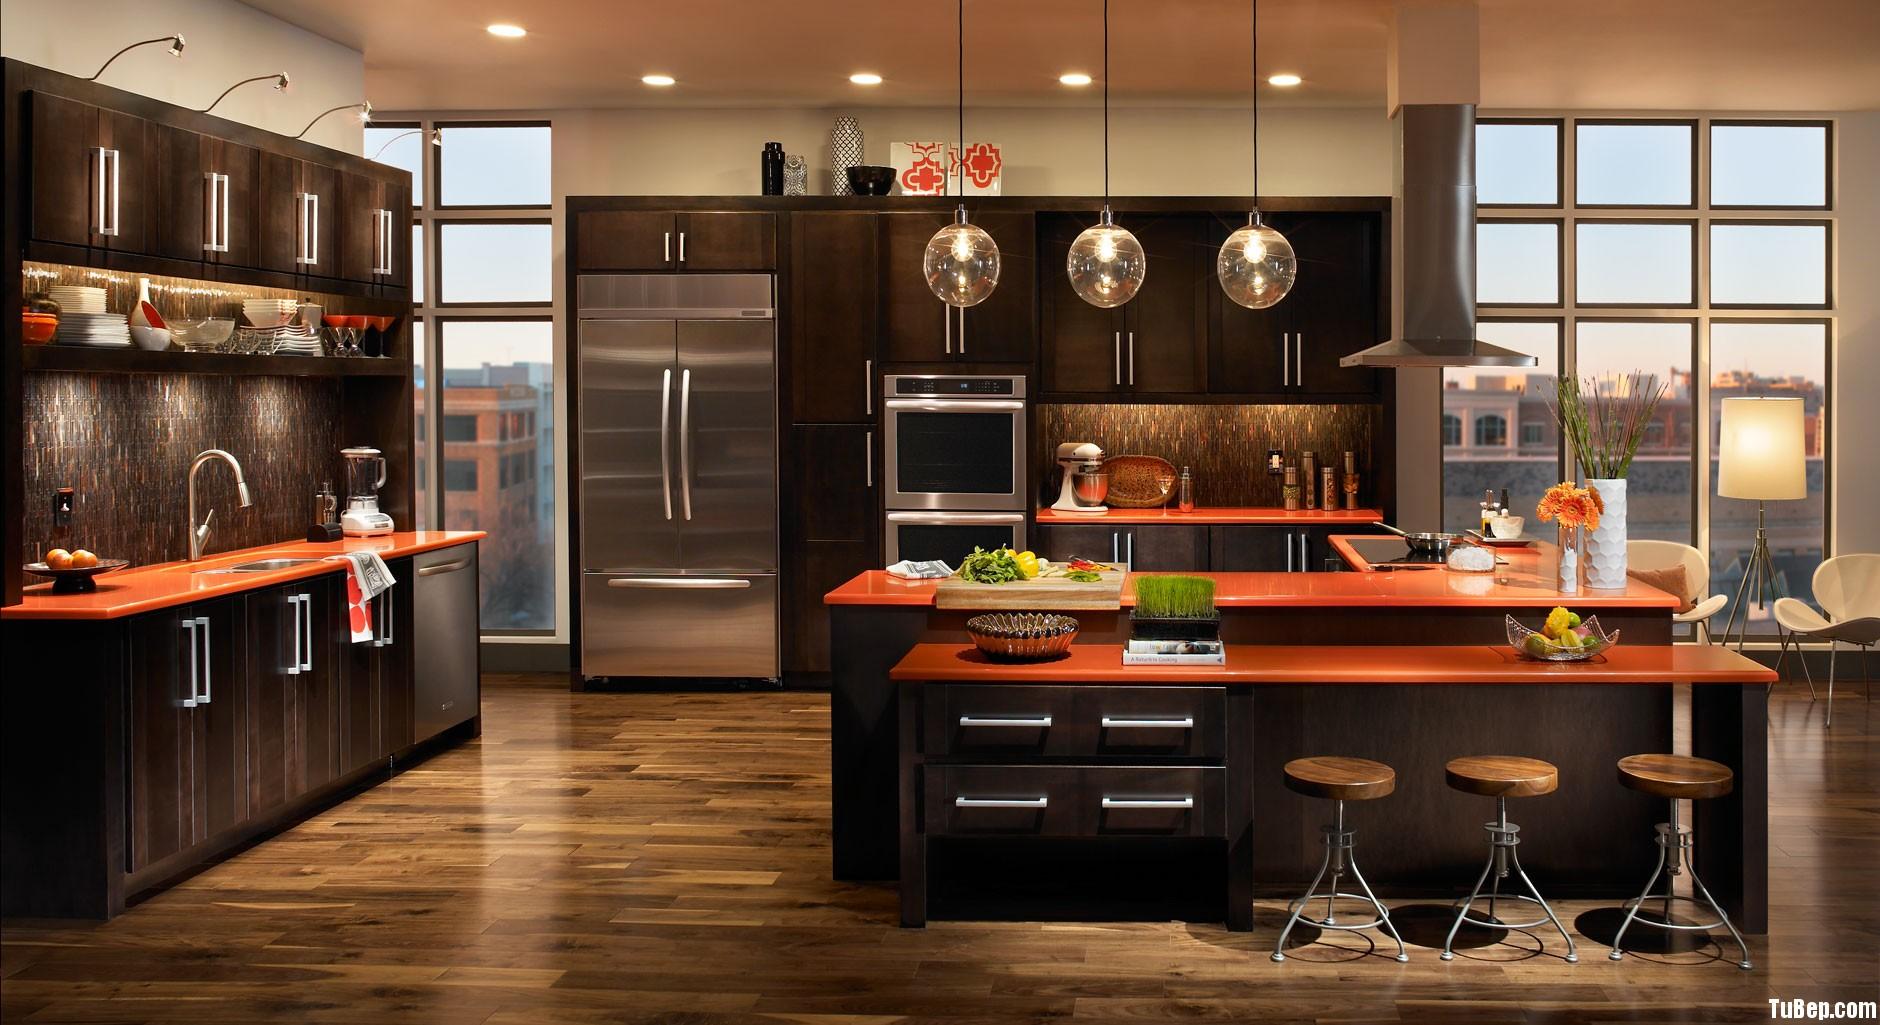 c071ceda91n đen.jpg Tủ bếp gỗ tự nhiên sơn men có đảo TVT0389